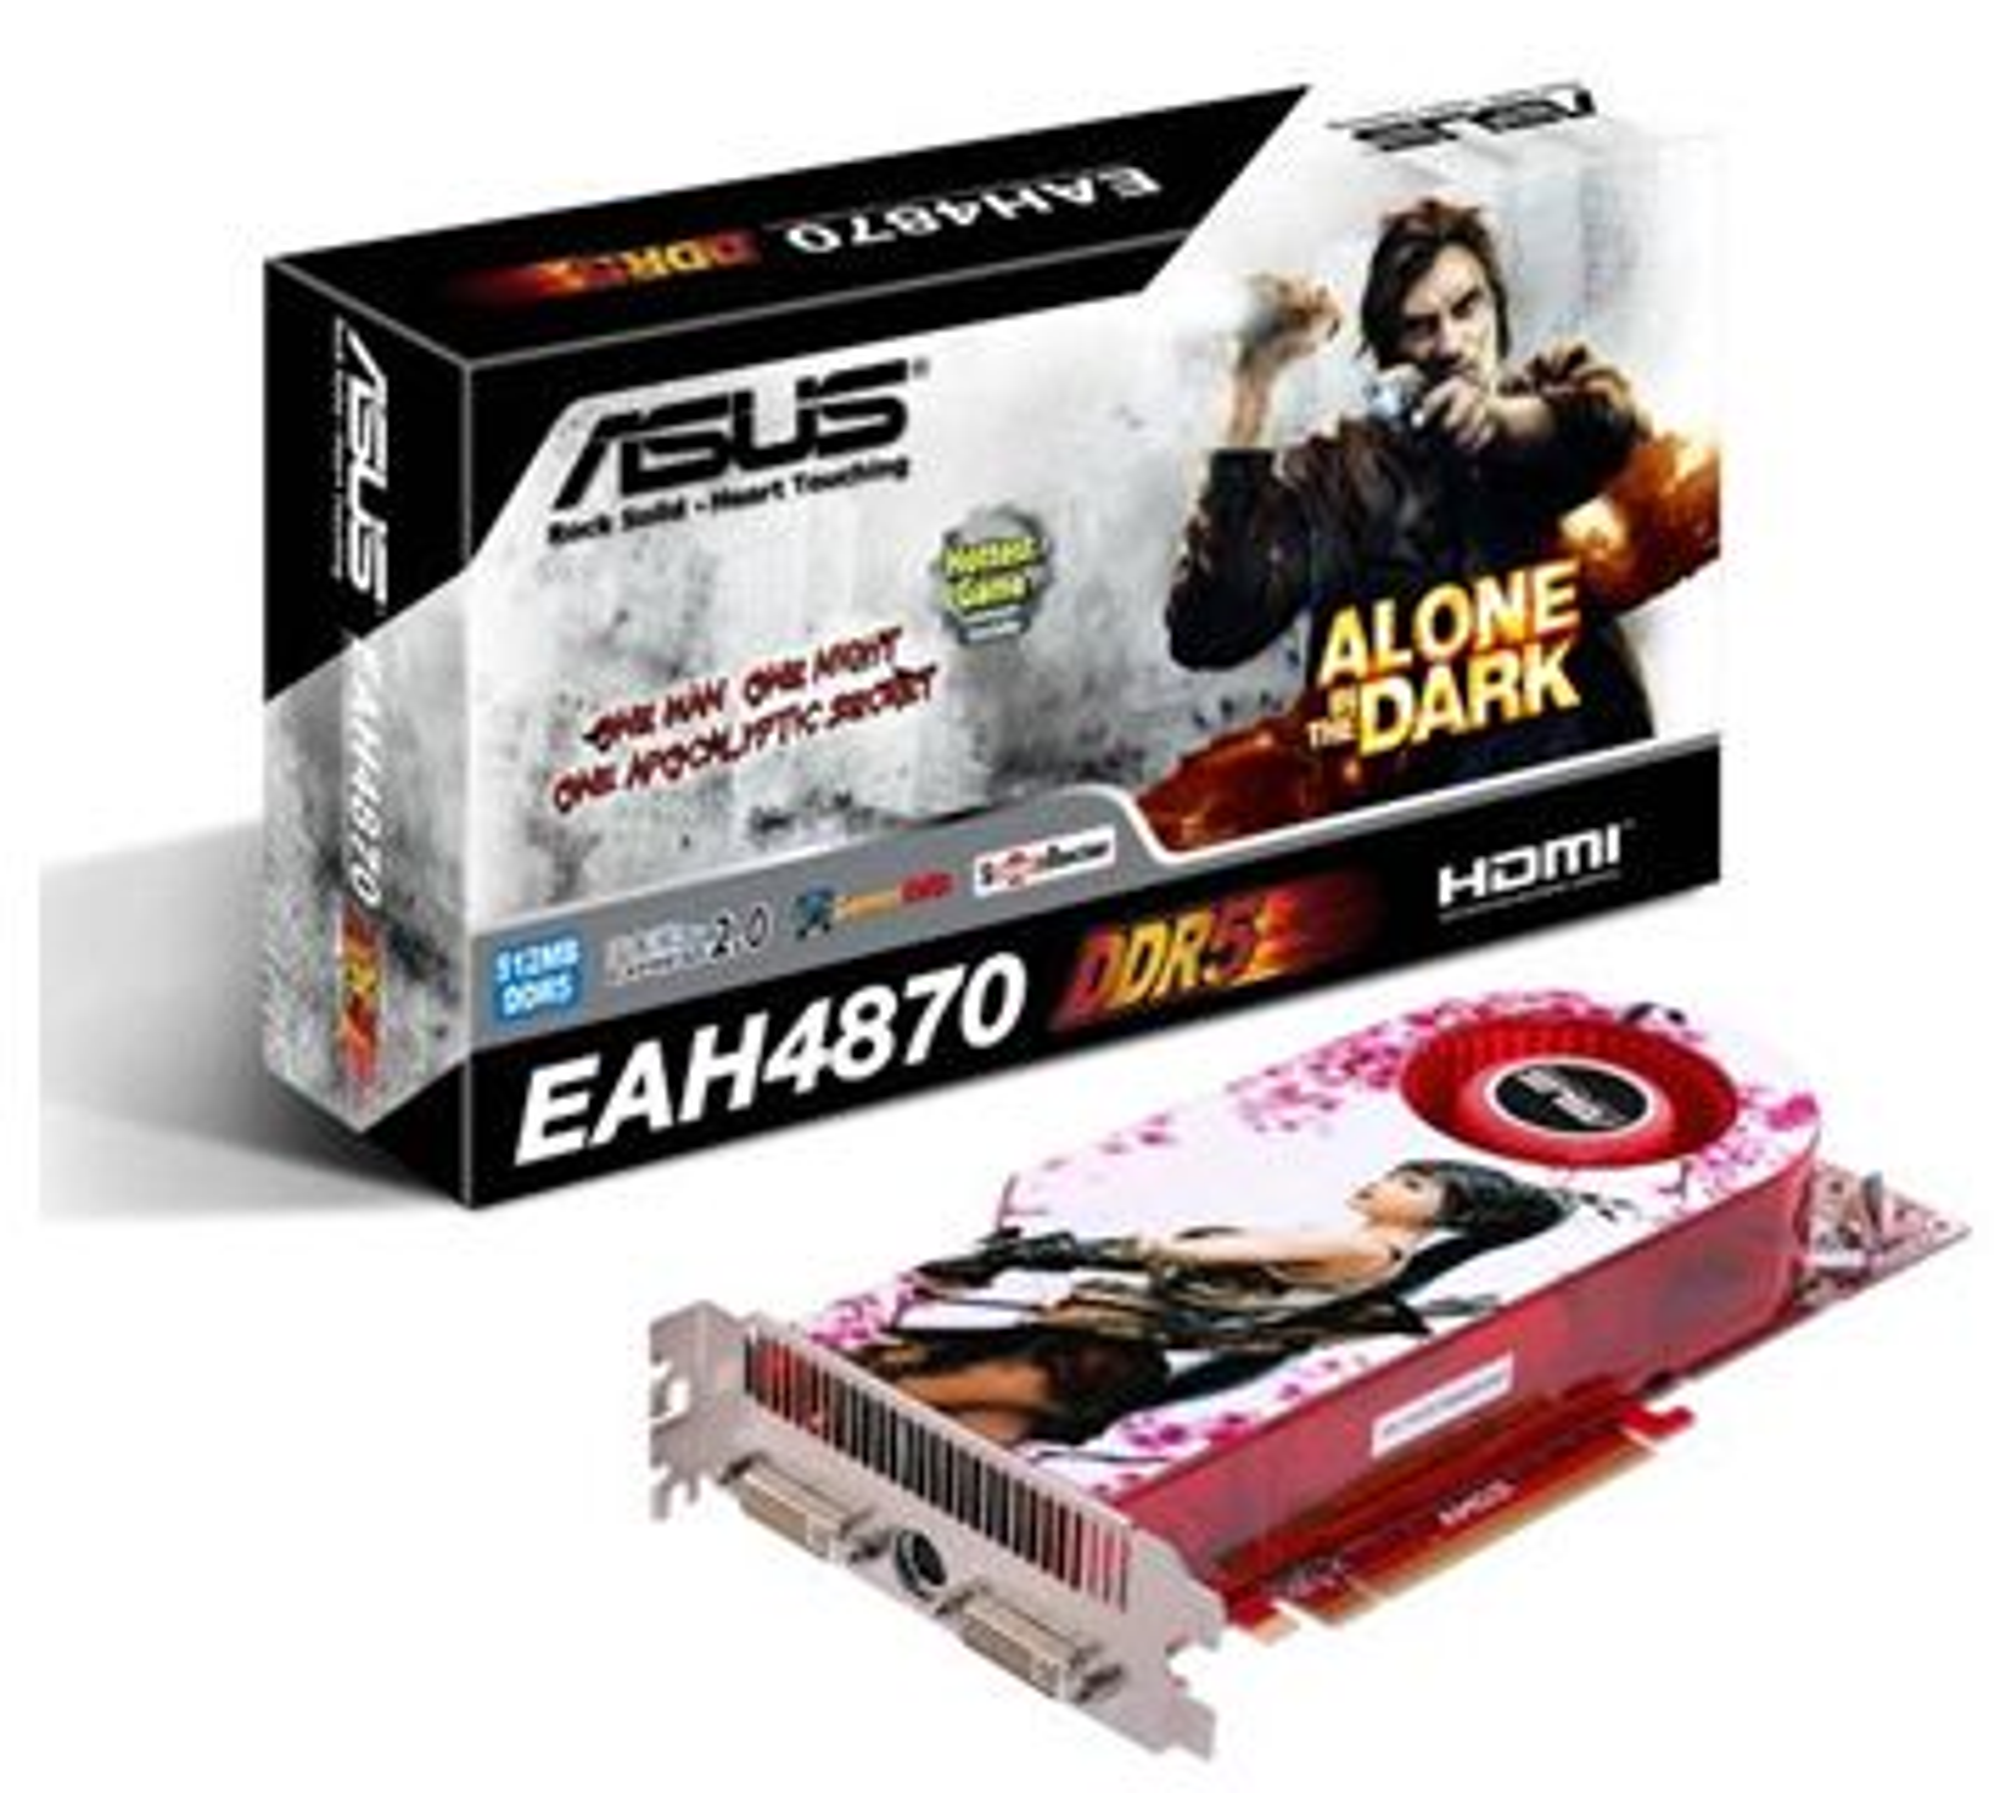 Asus Radeon HD 4870